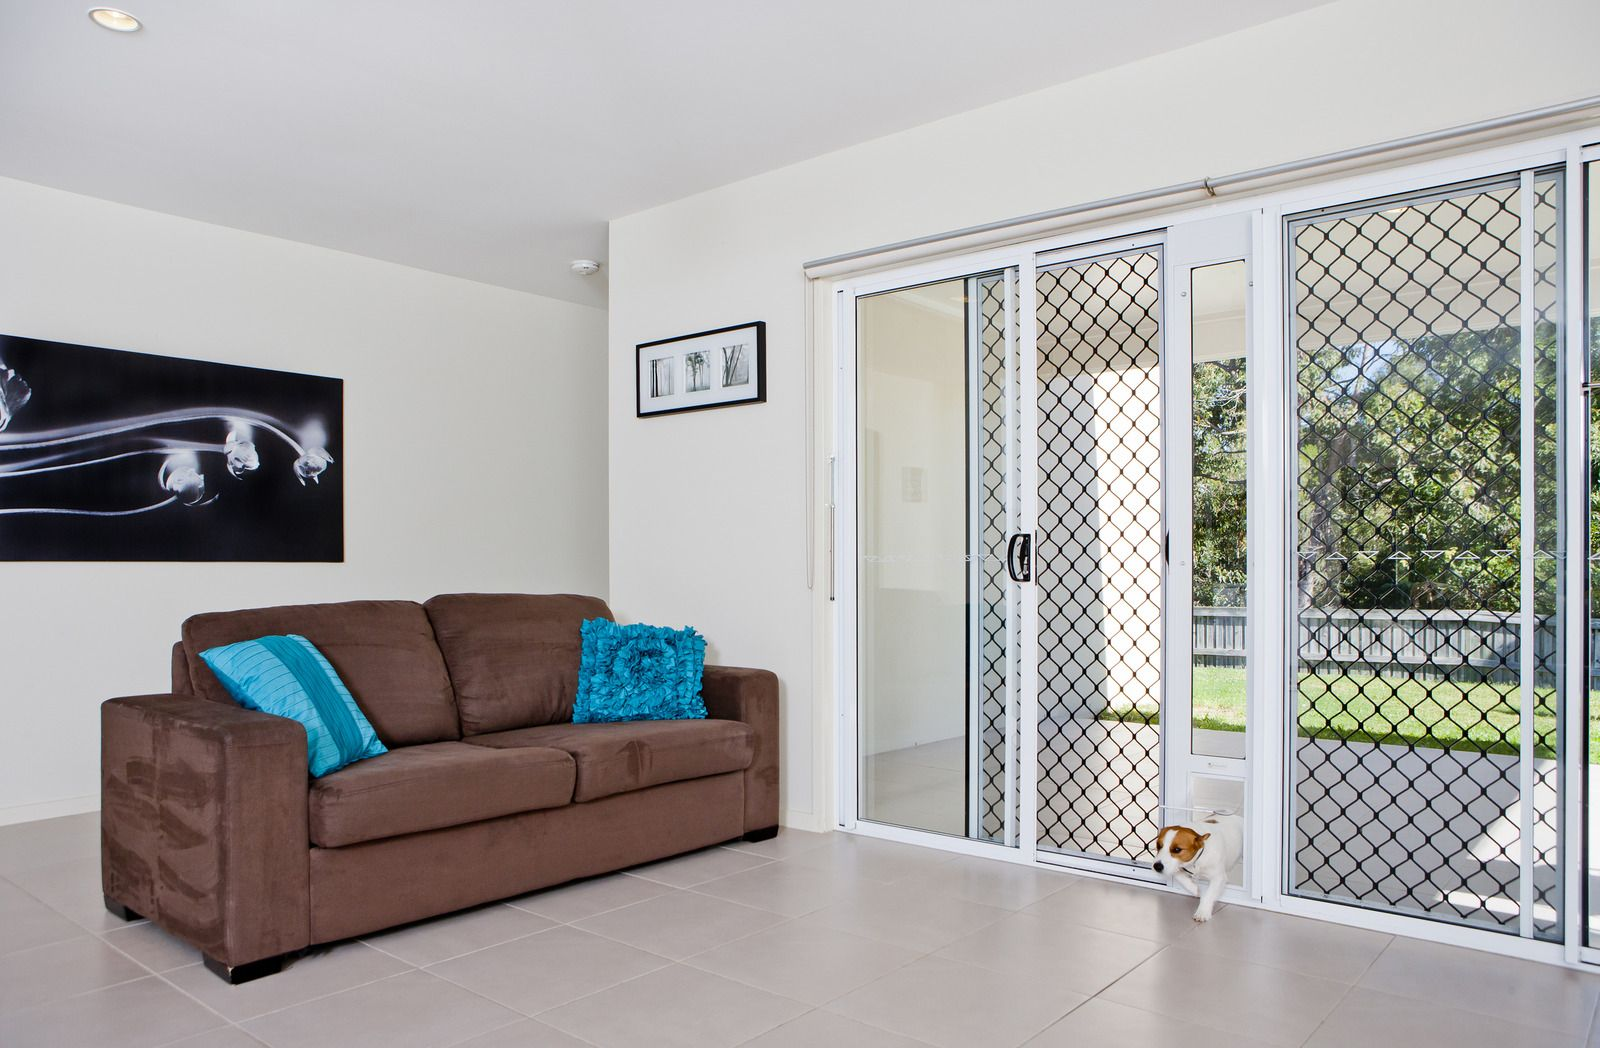 Patio Pet Door Insert For Sliding Doors Temporary Dog Doors Cat